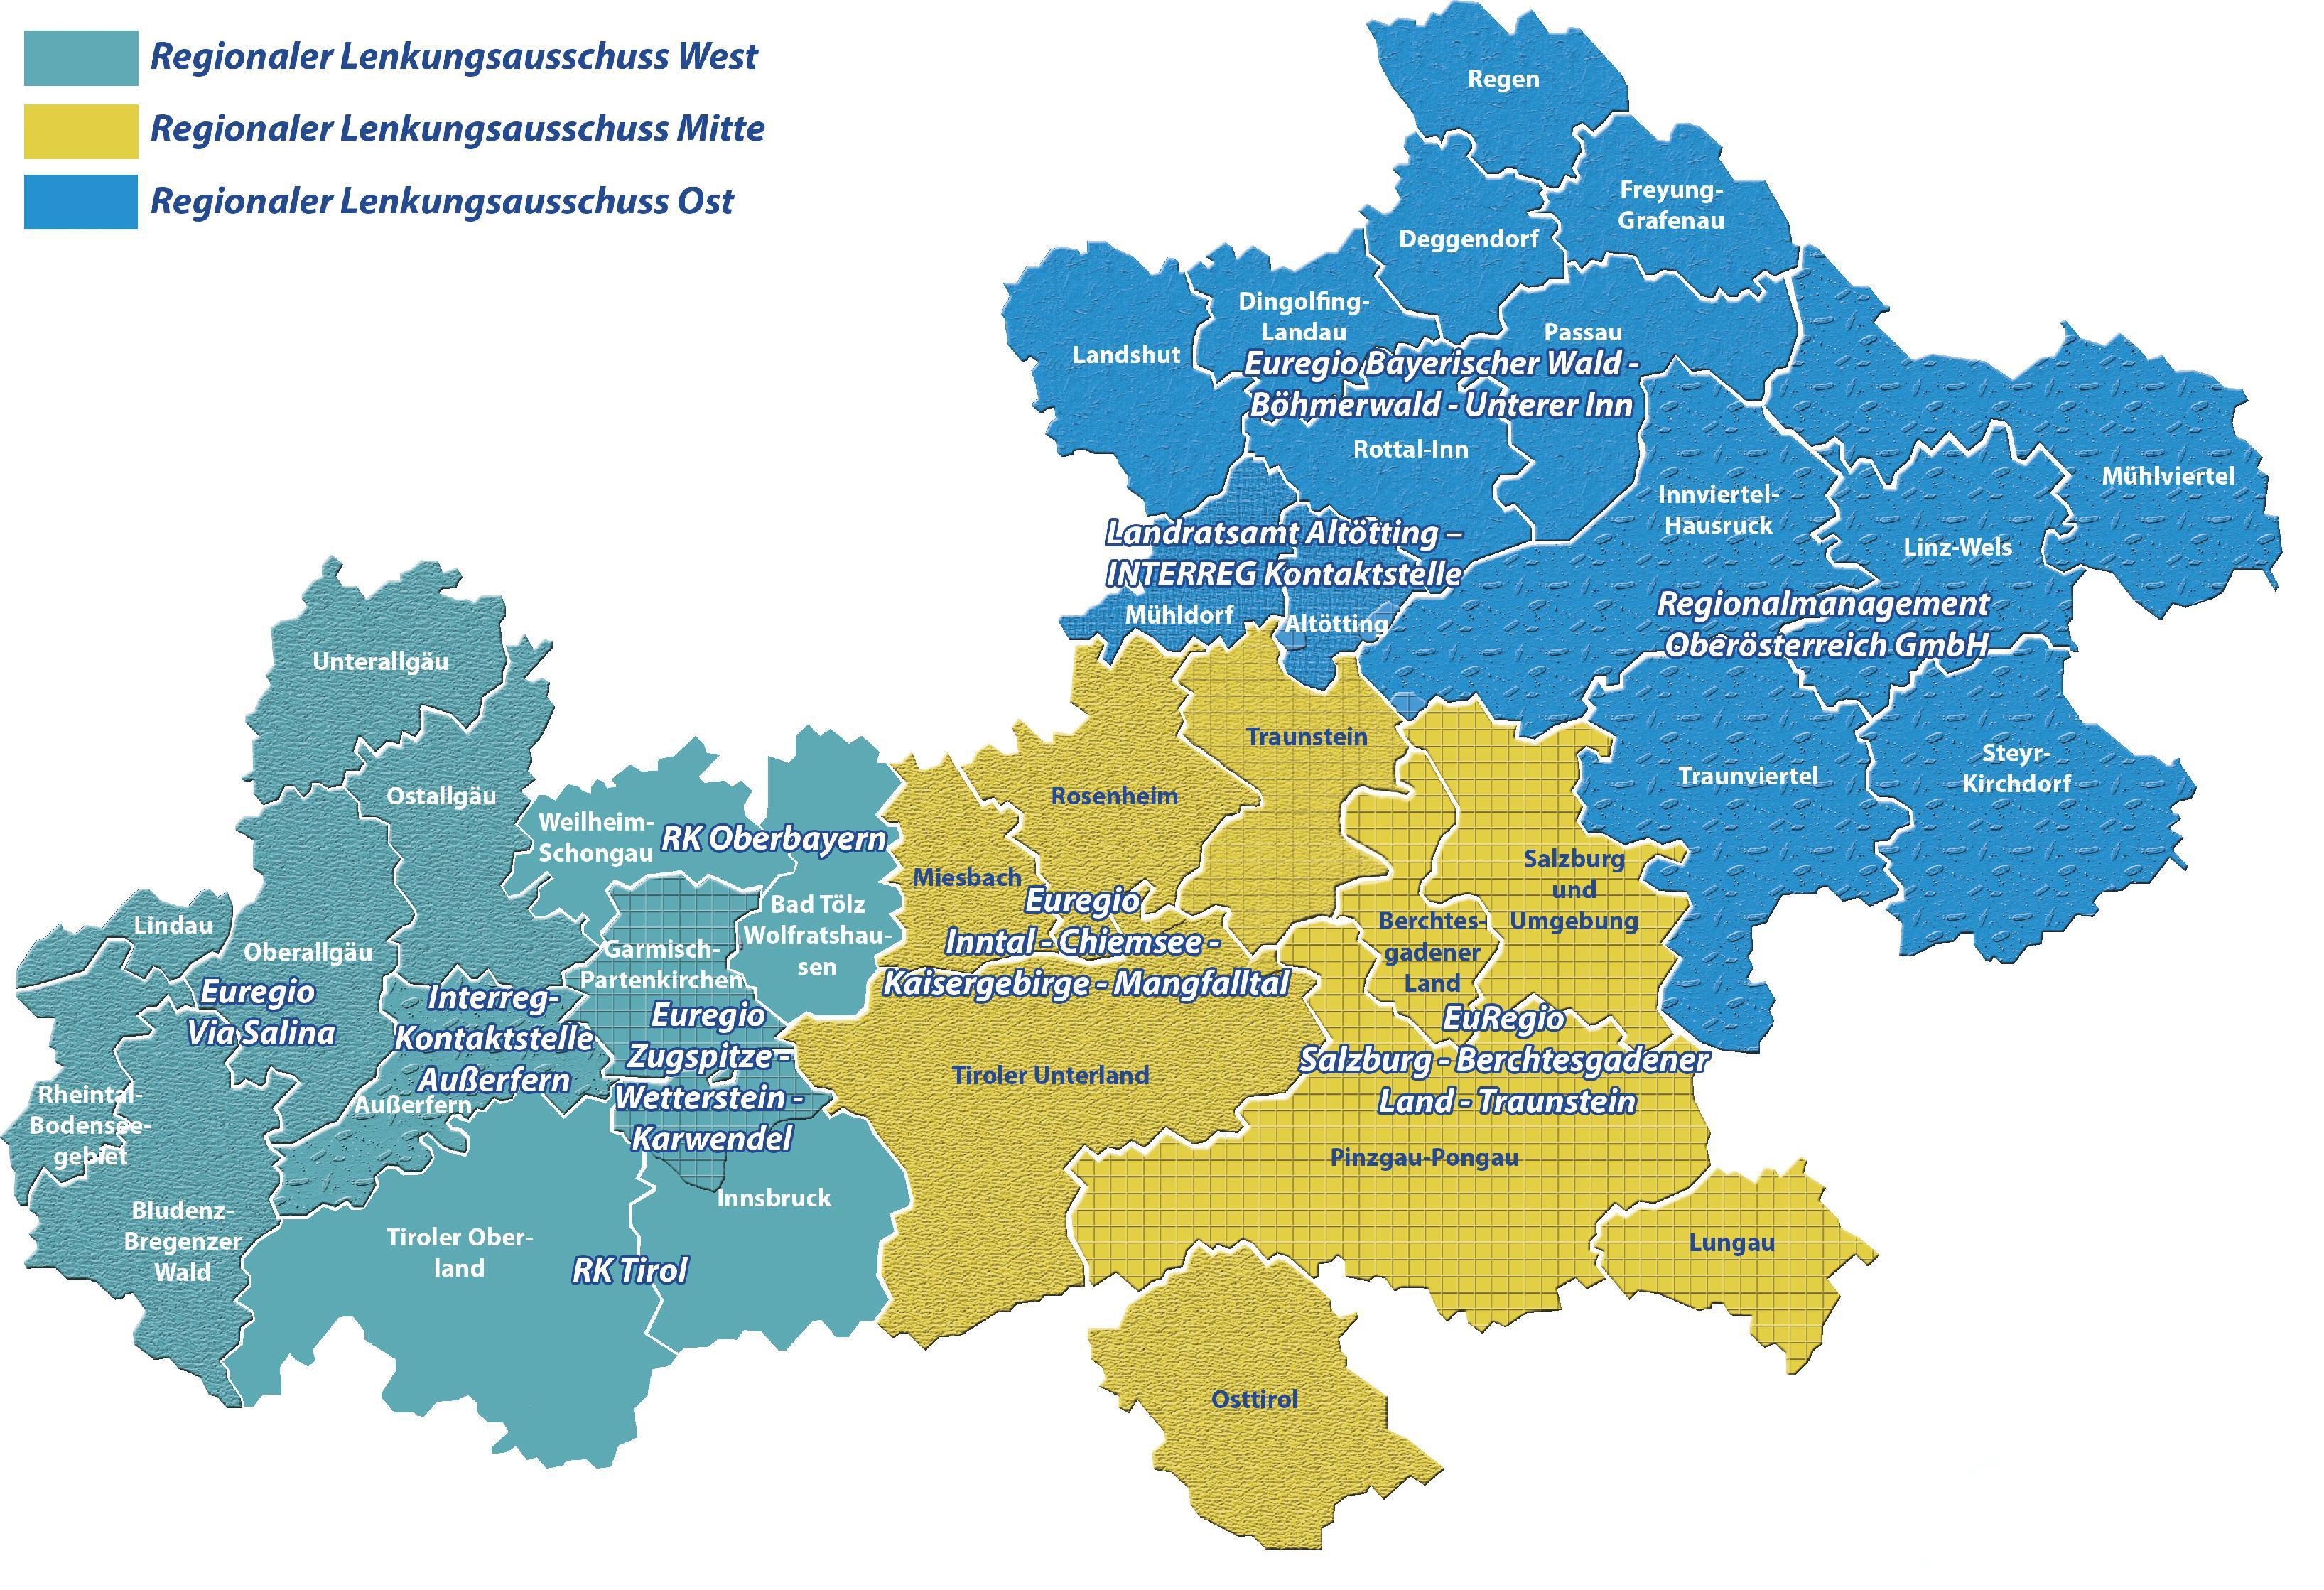 Karte der 3 Regionalen Lenkungsausschüssen